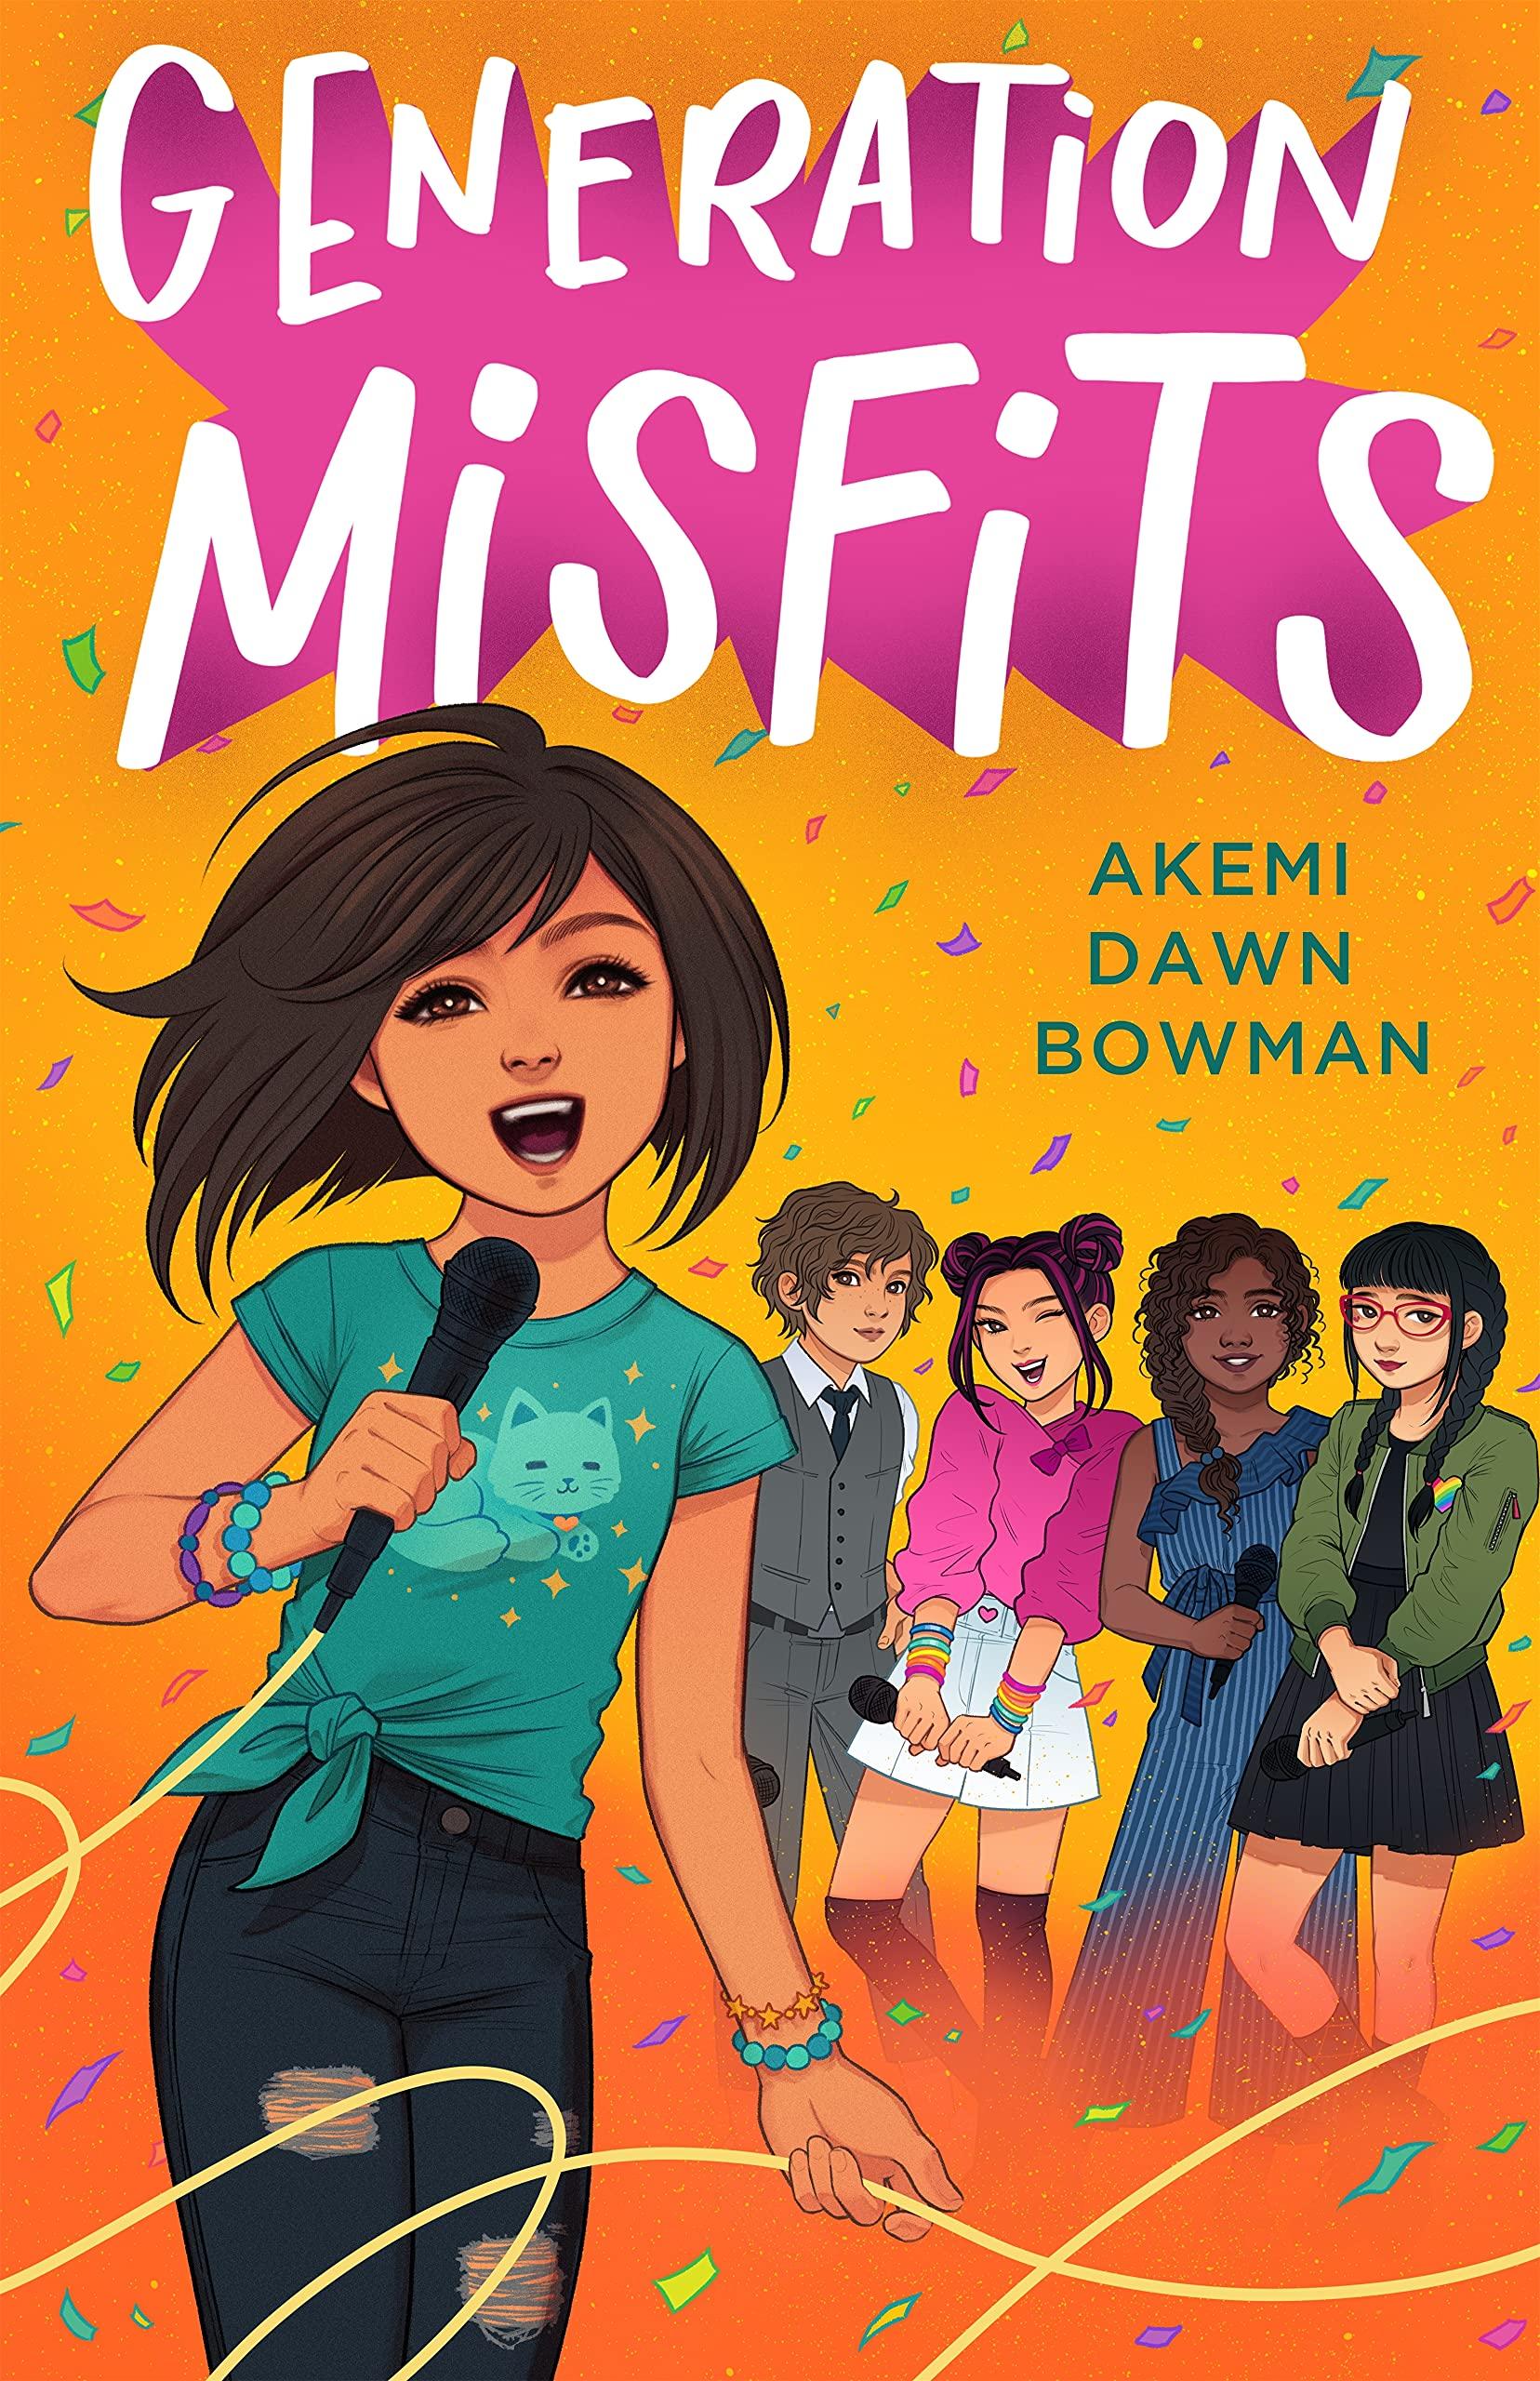 Generation Misfits: Bowman, Akemi Dawn: 9780374313746: Amazon.com: Books